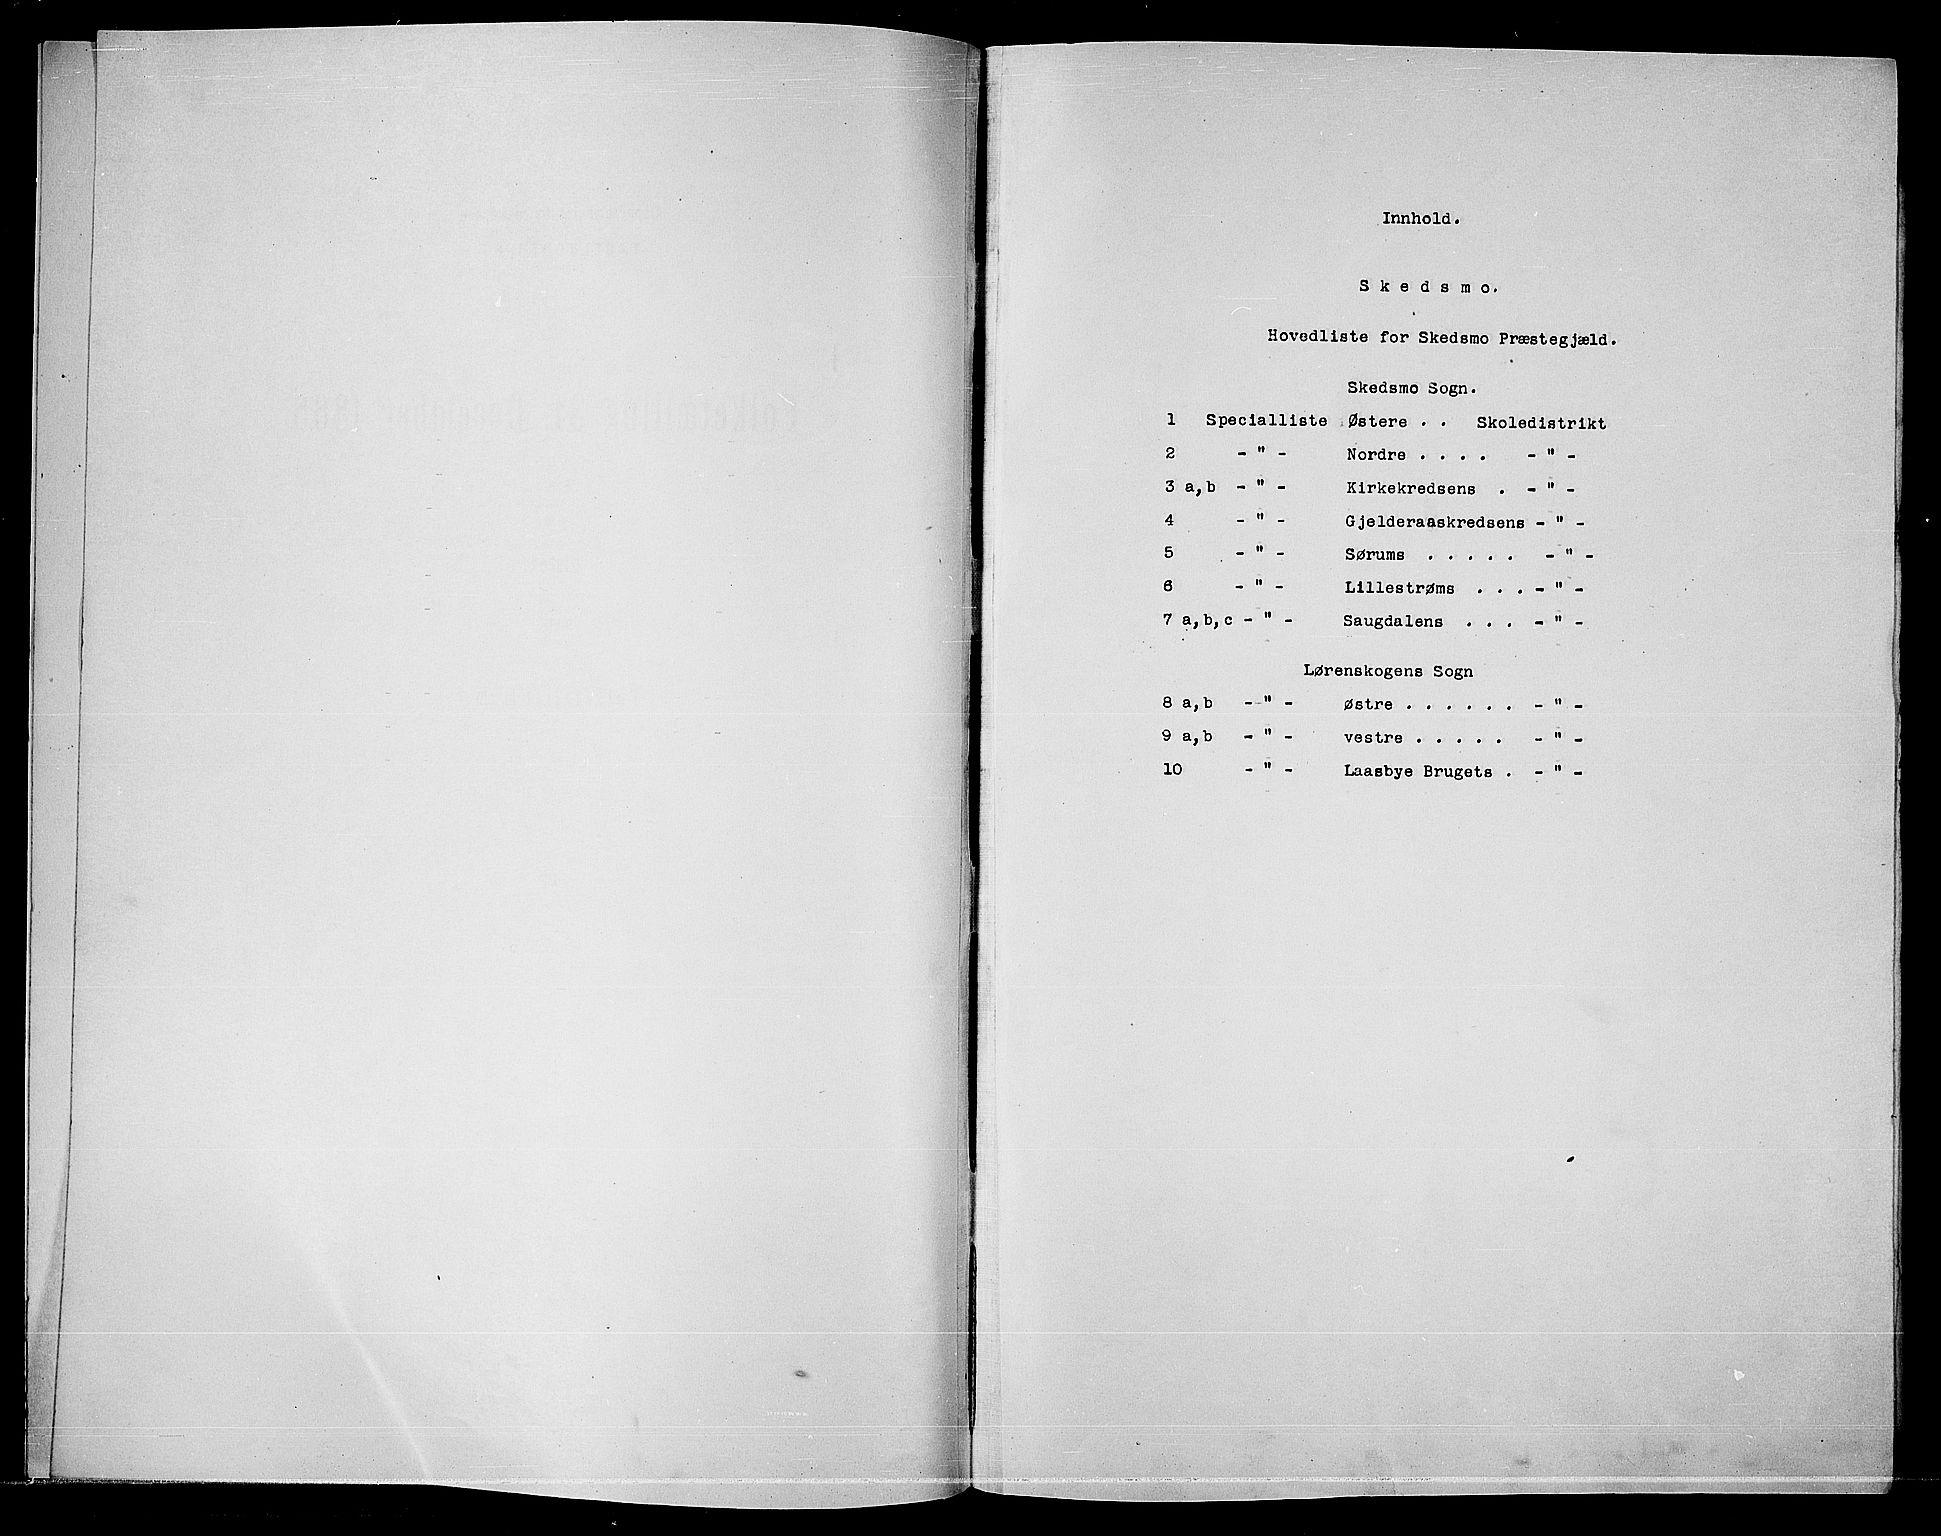 RA, Folketelling 1865 for 0231P Skedsmo prestegjeld, 1865, s. 4